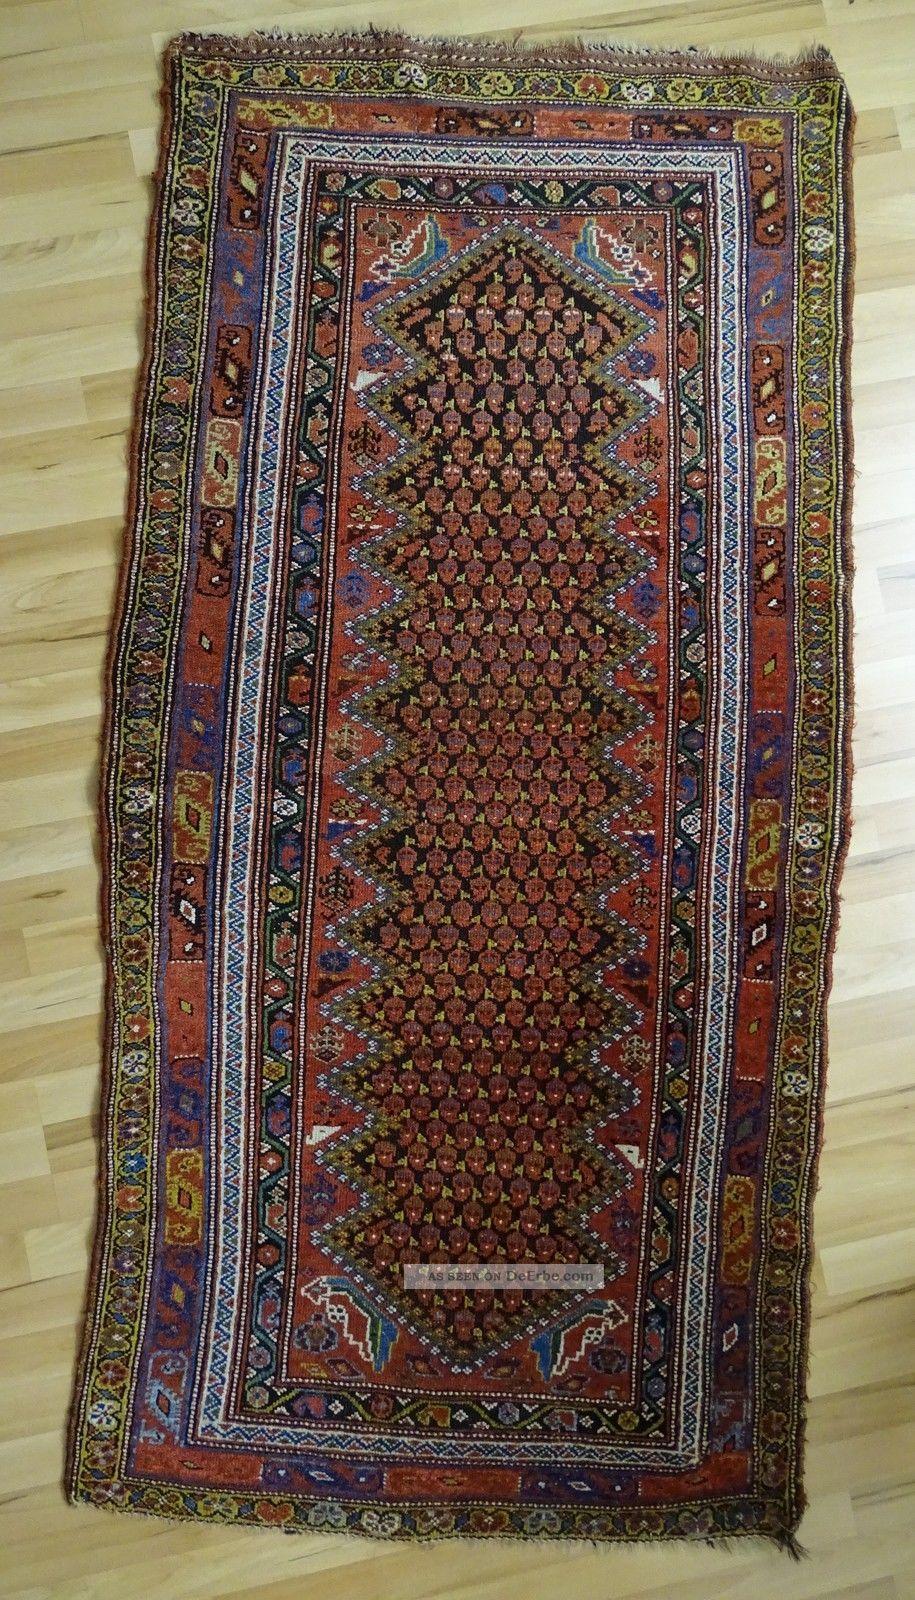 Nord West Persischer Orient Teppich Geknüpft 1900 Bis 1925 100x200 Teppiche & Flachgewebe Bild